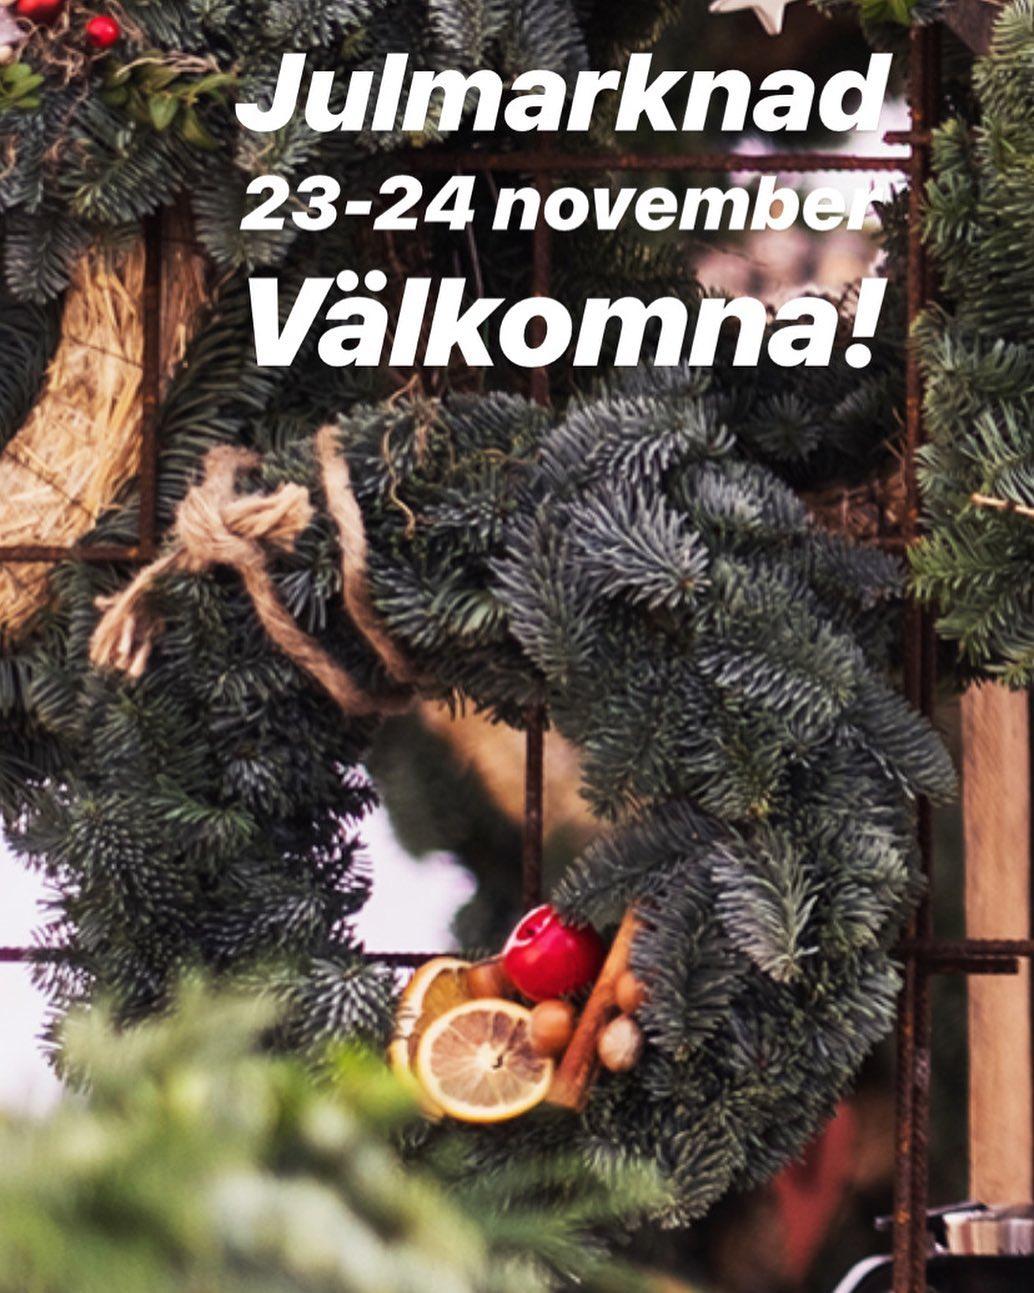 Ni kommer väl?!🎅🏻#östermalma #jul #julmarknad #vilt #viltkött